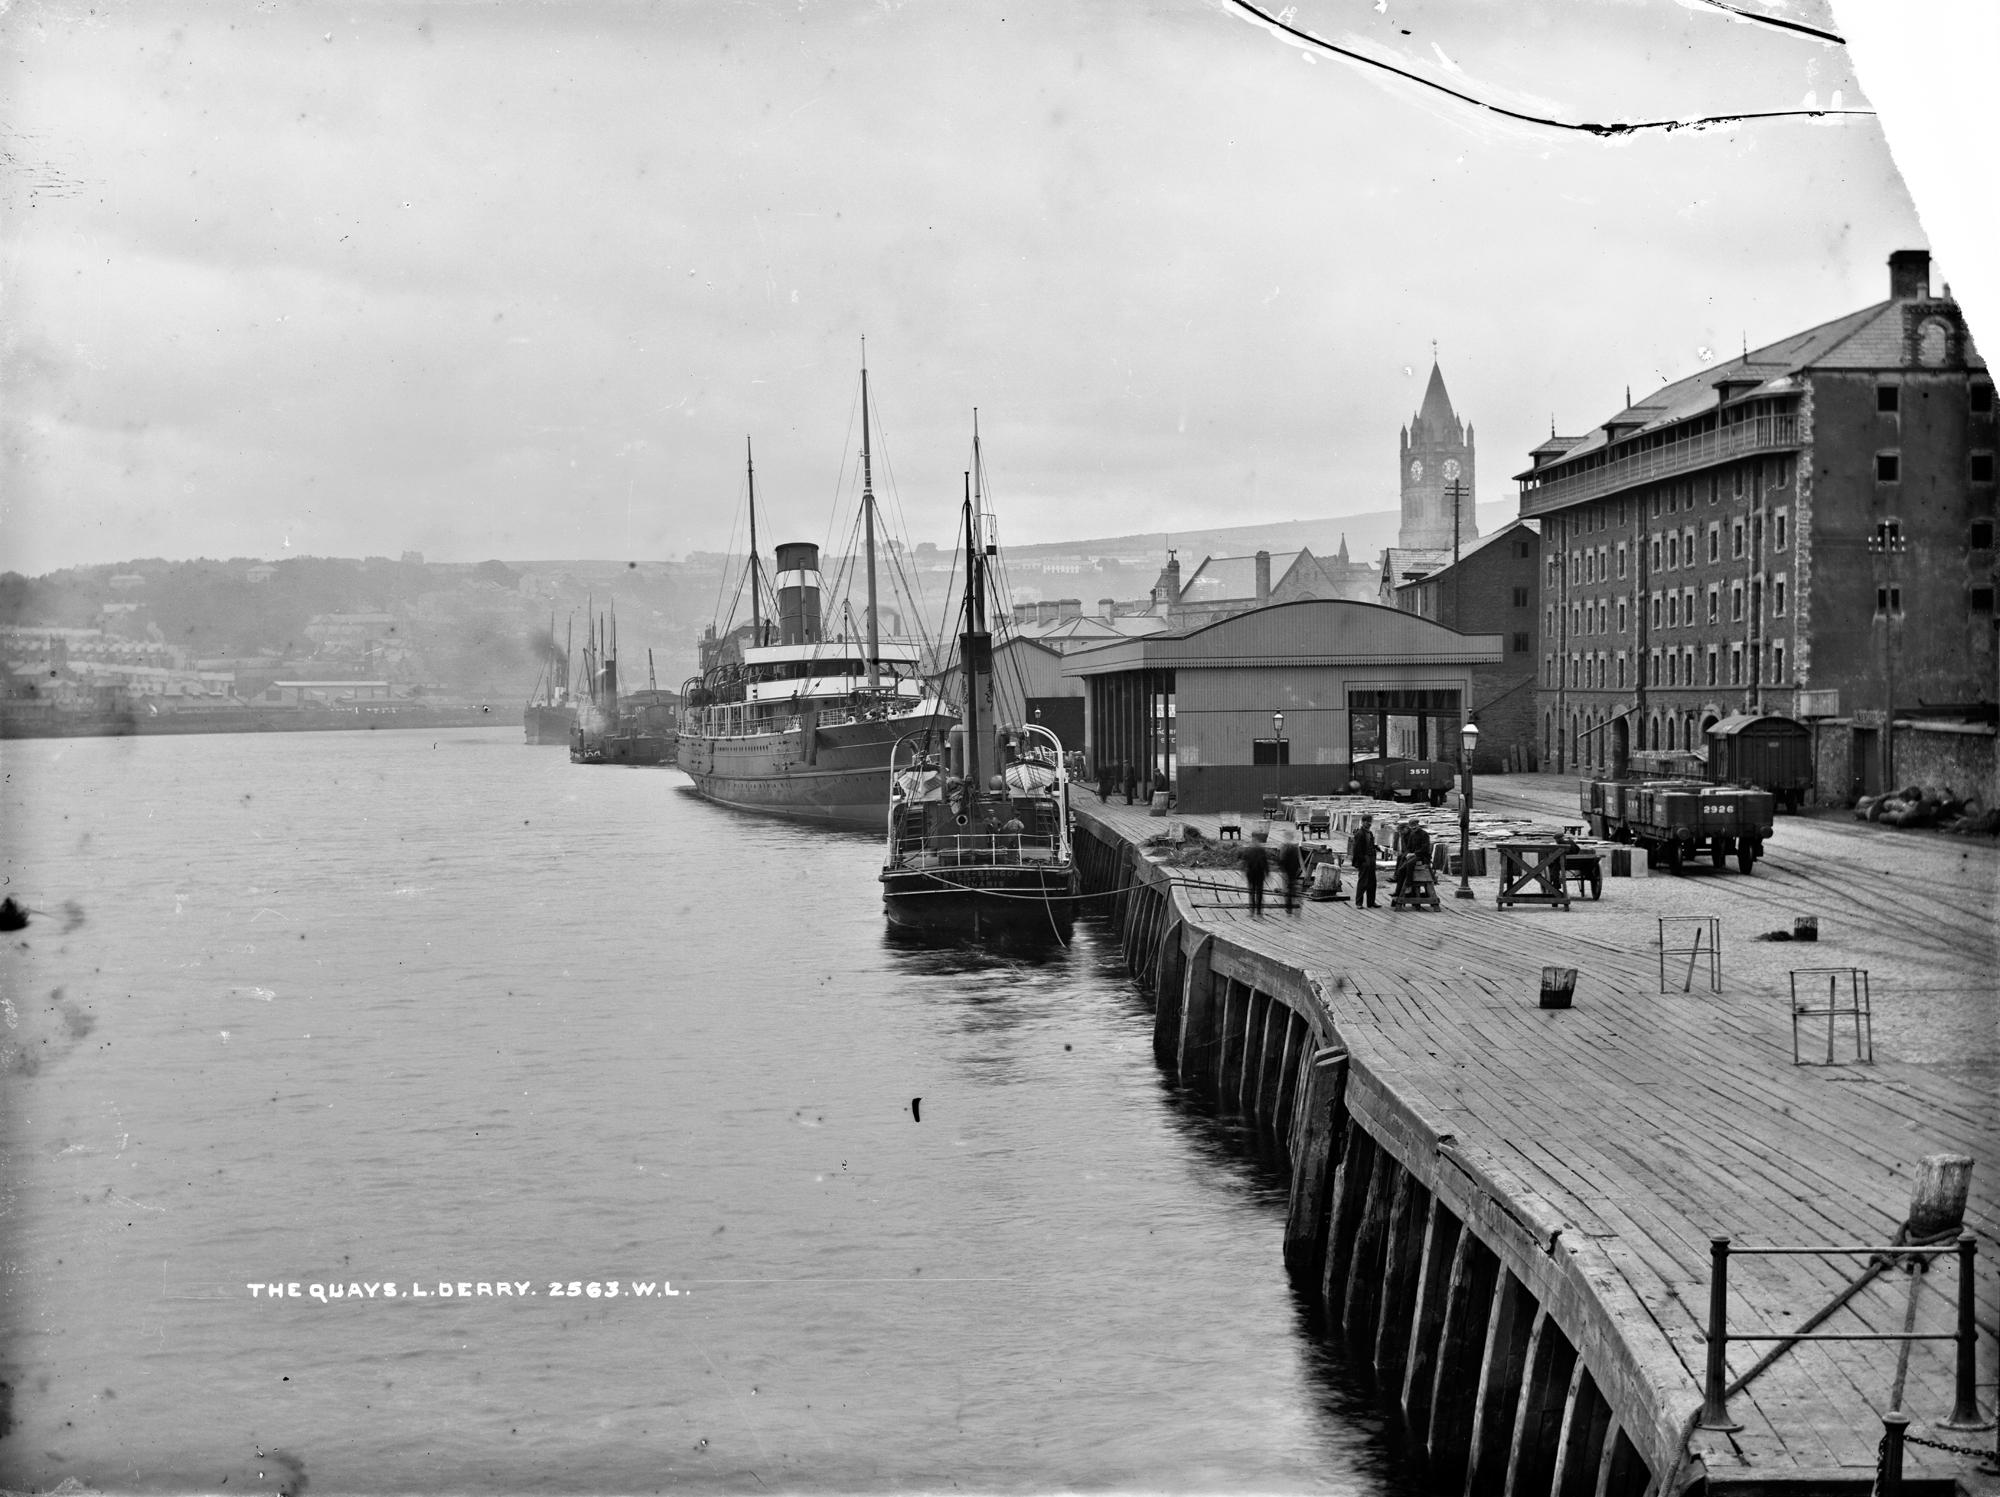 Quays, Derry City, Co. Derry